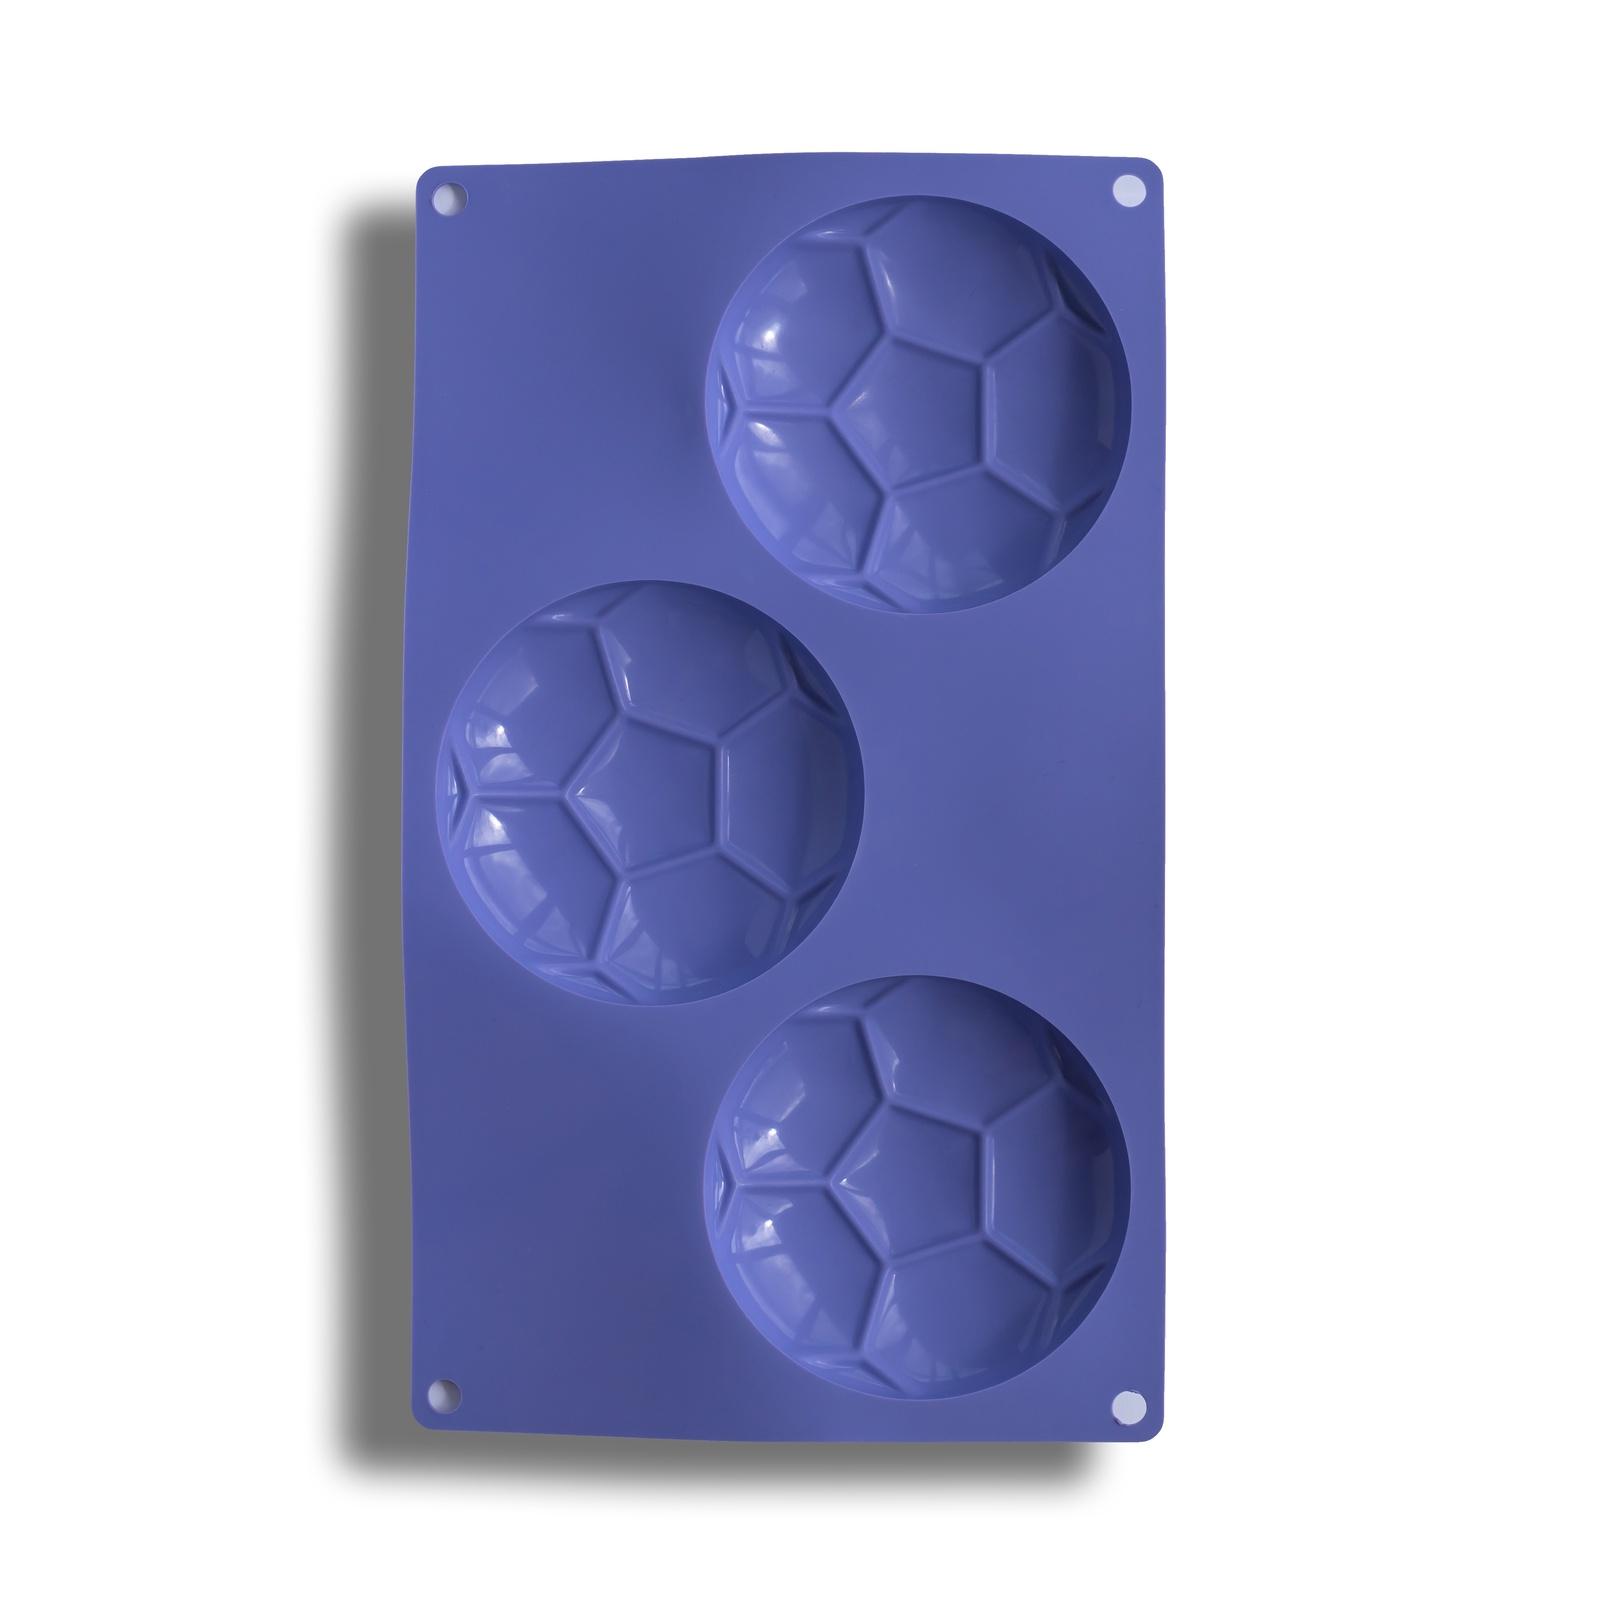 Форма для выпечки Силиконовая форма ФУТБОЛЬНЫЙ МЯЧ для кексов и десертов, фиолетовый